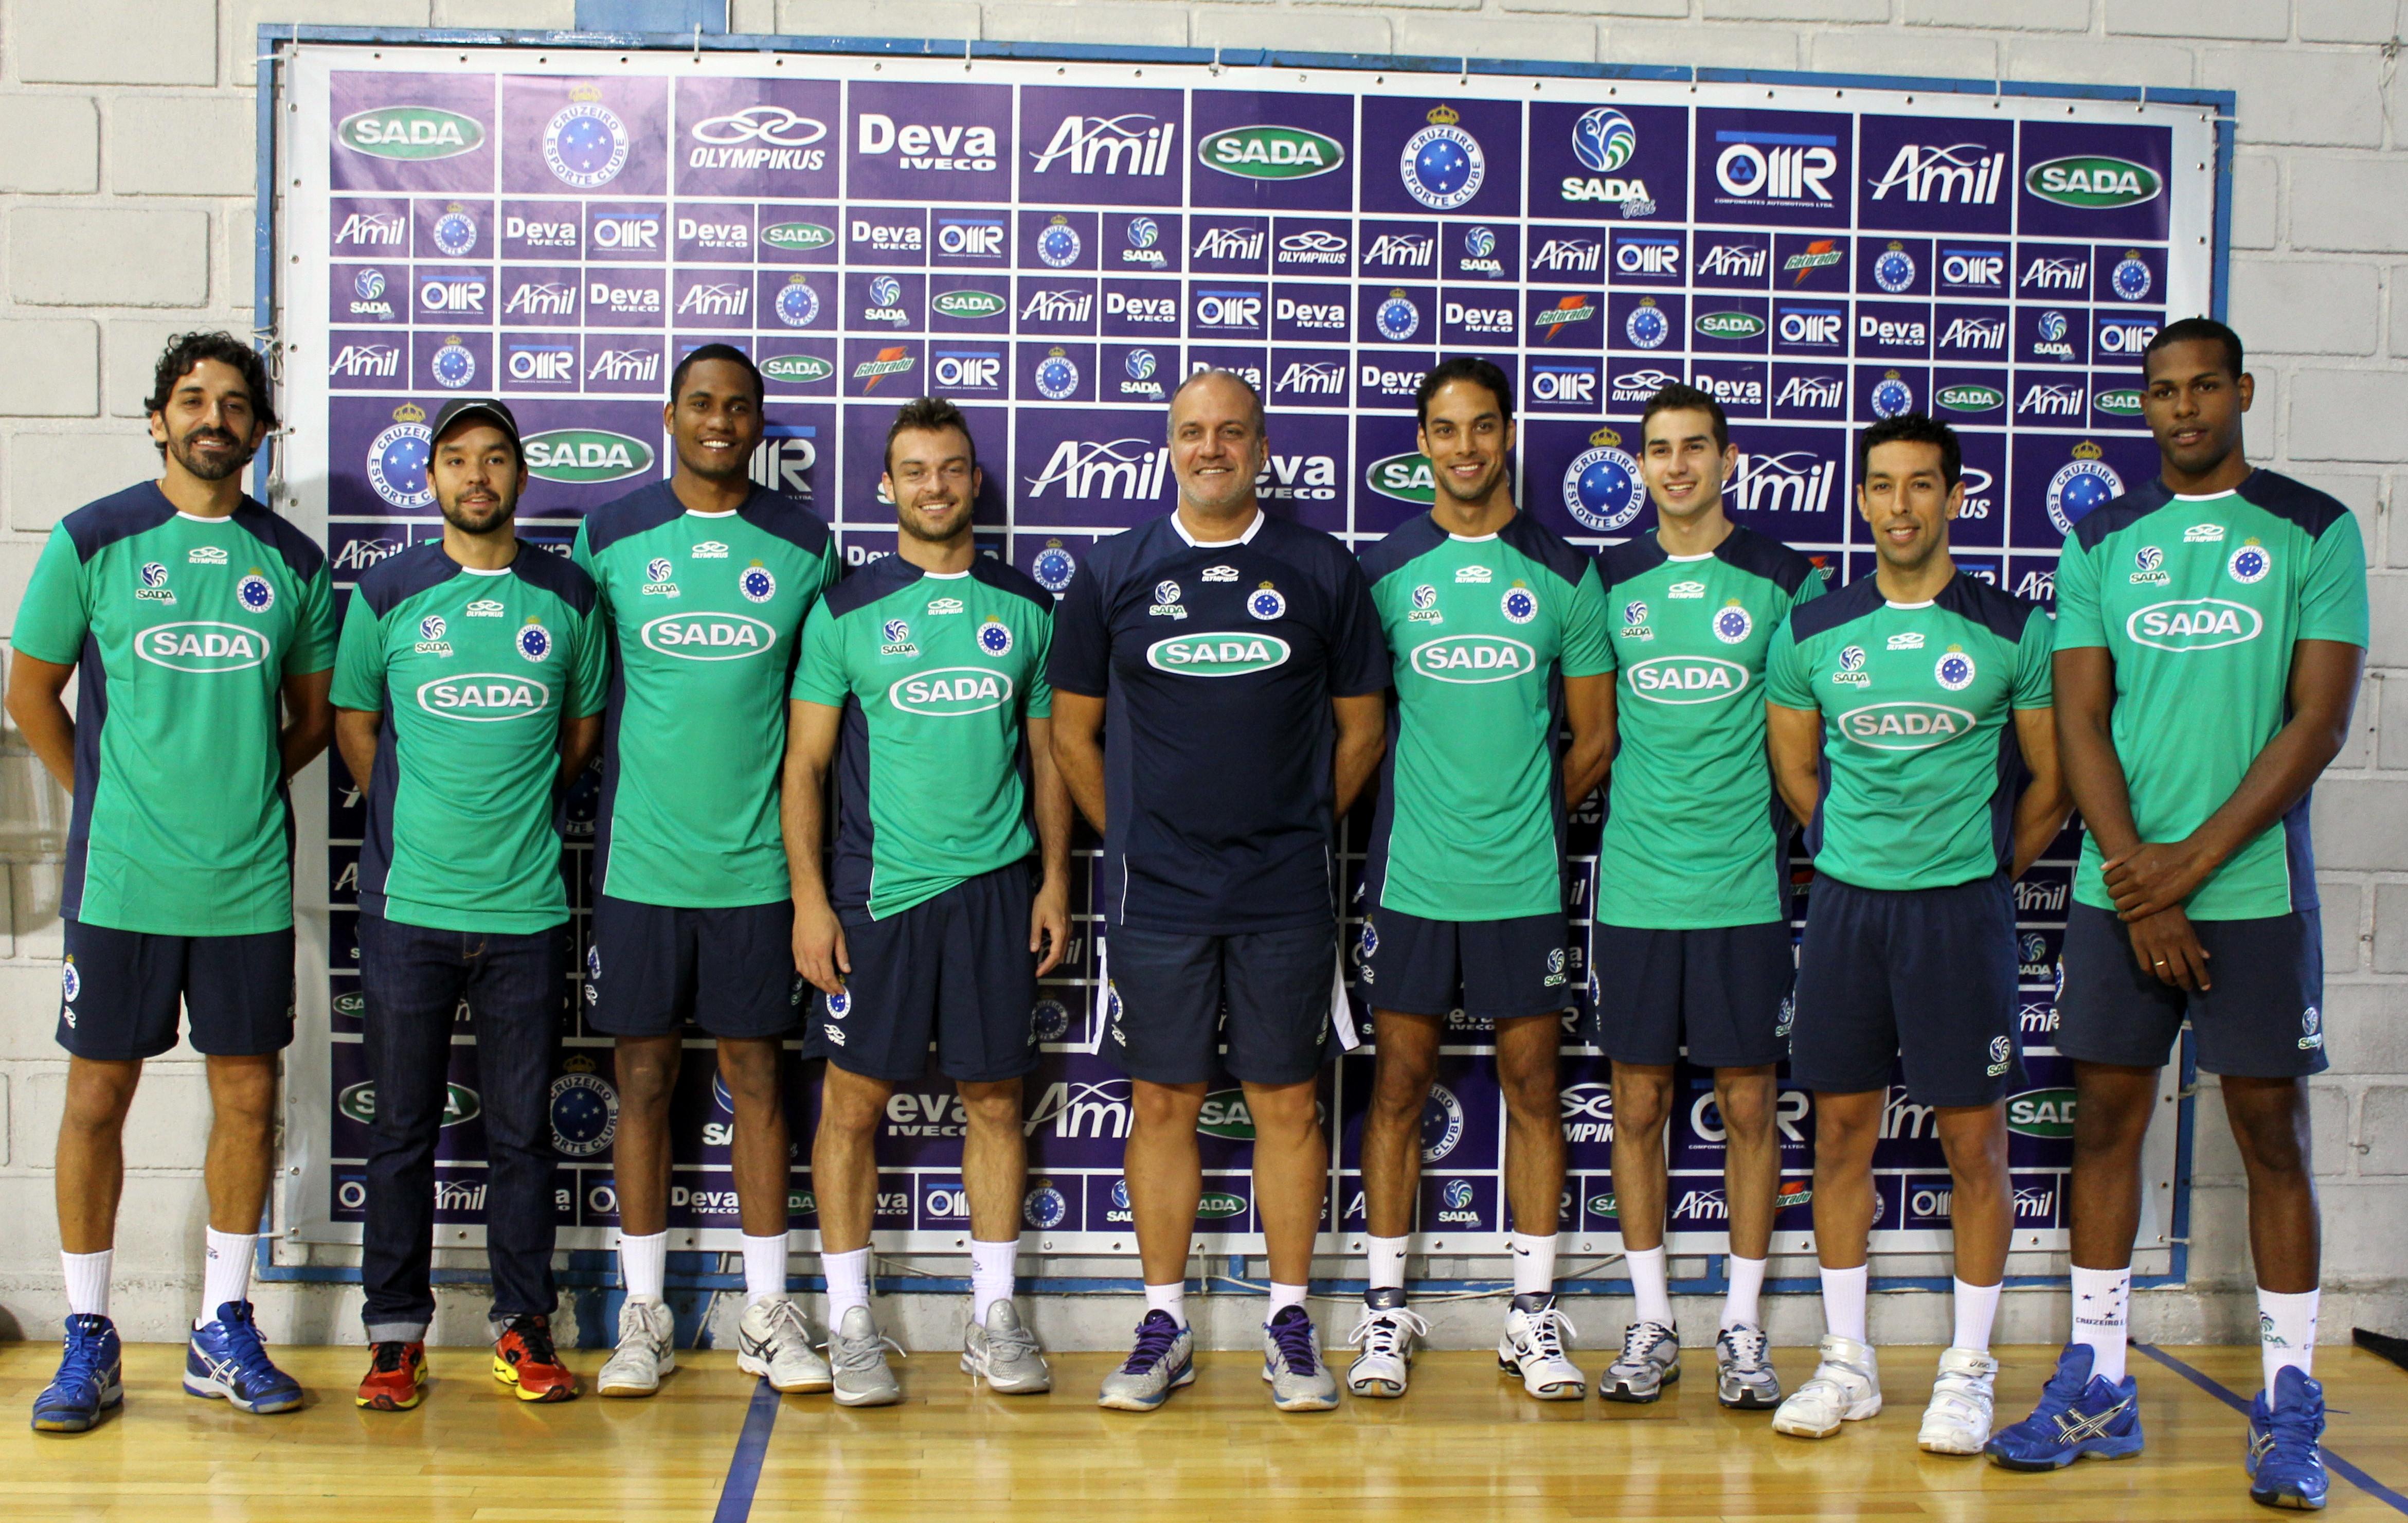 7fbfae6d1e Elenco do Sada Cruzeiro começa uma nova temporada — Sada Cruzeiro ...